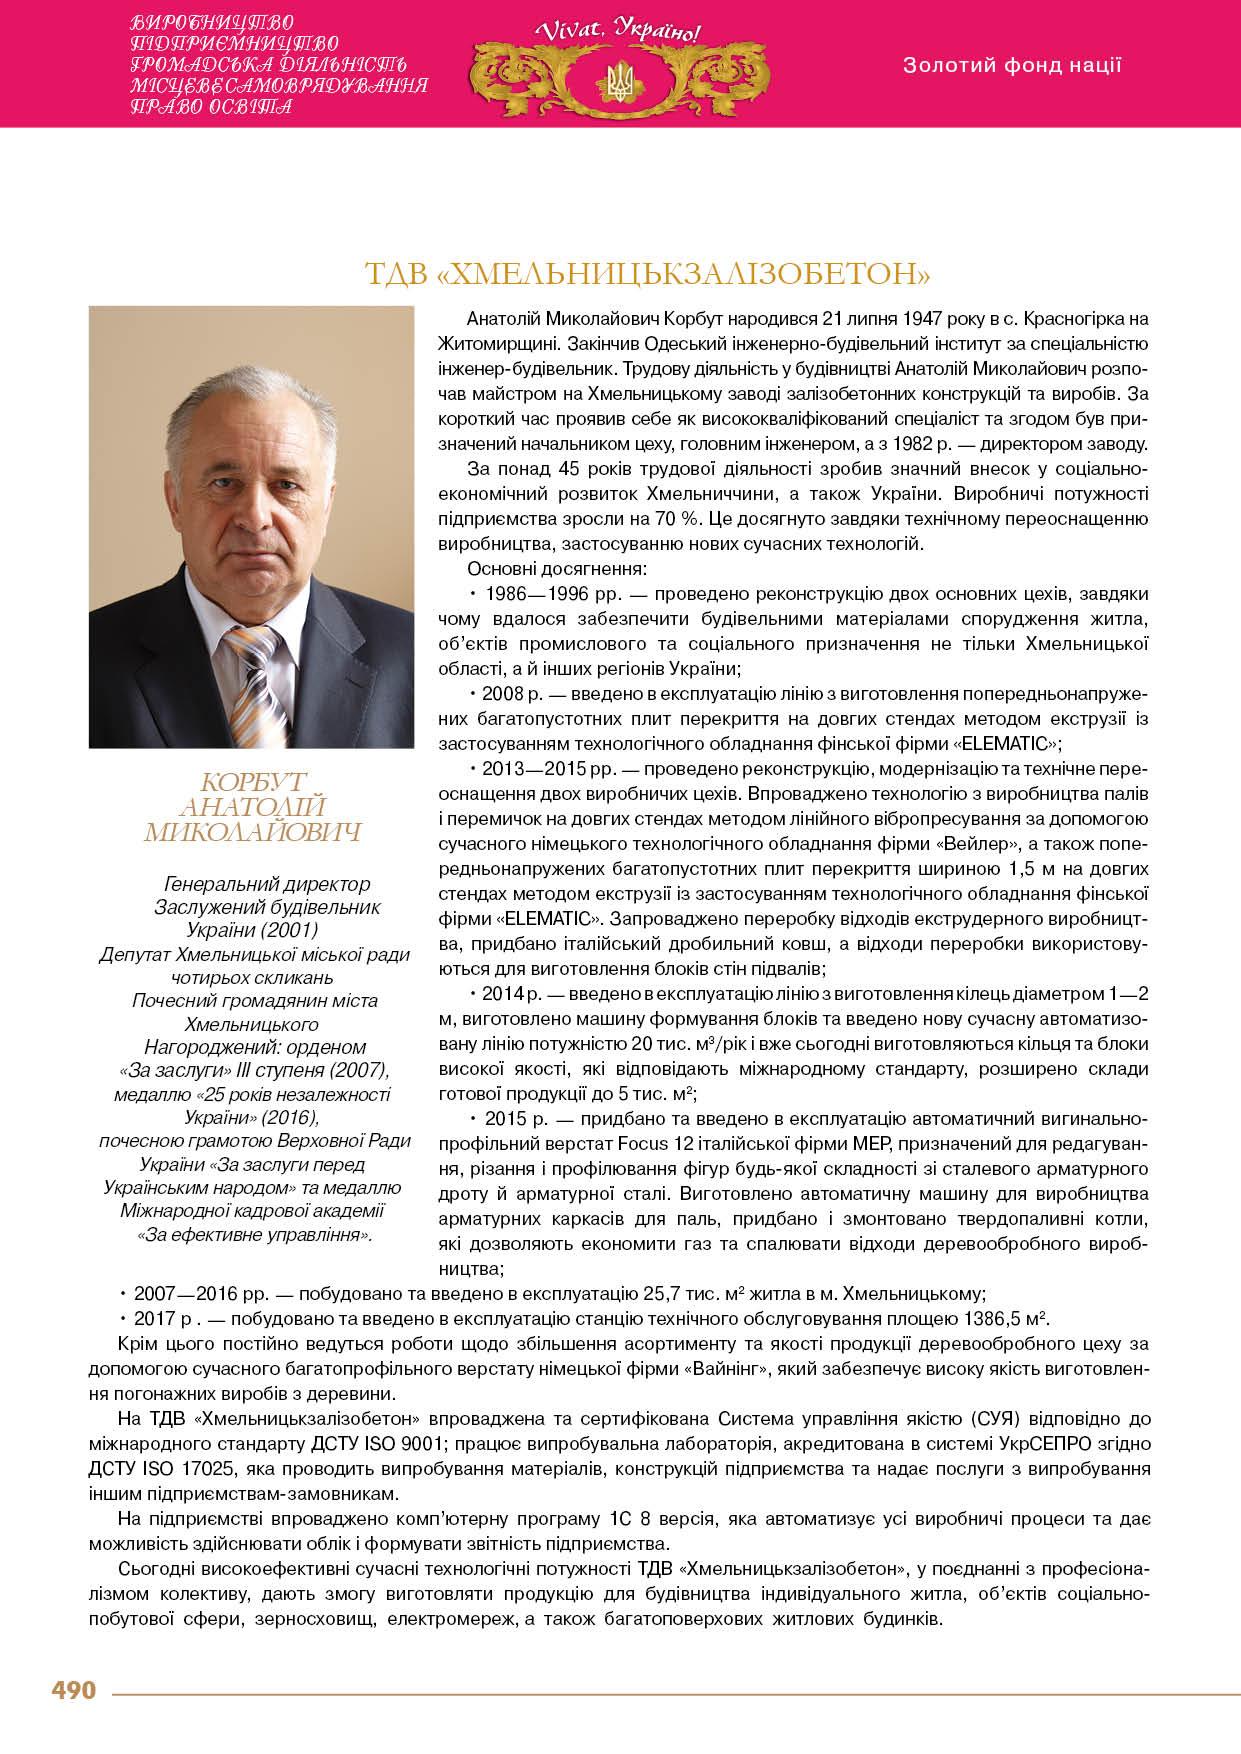 Корбут Анатолій Миколайович